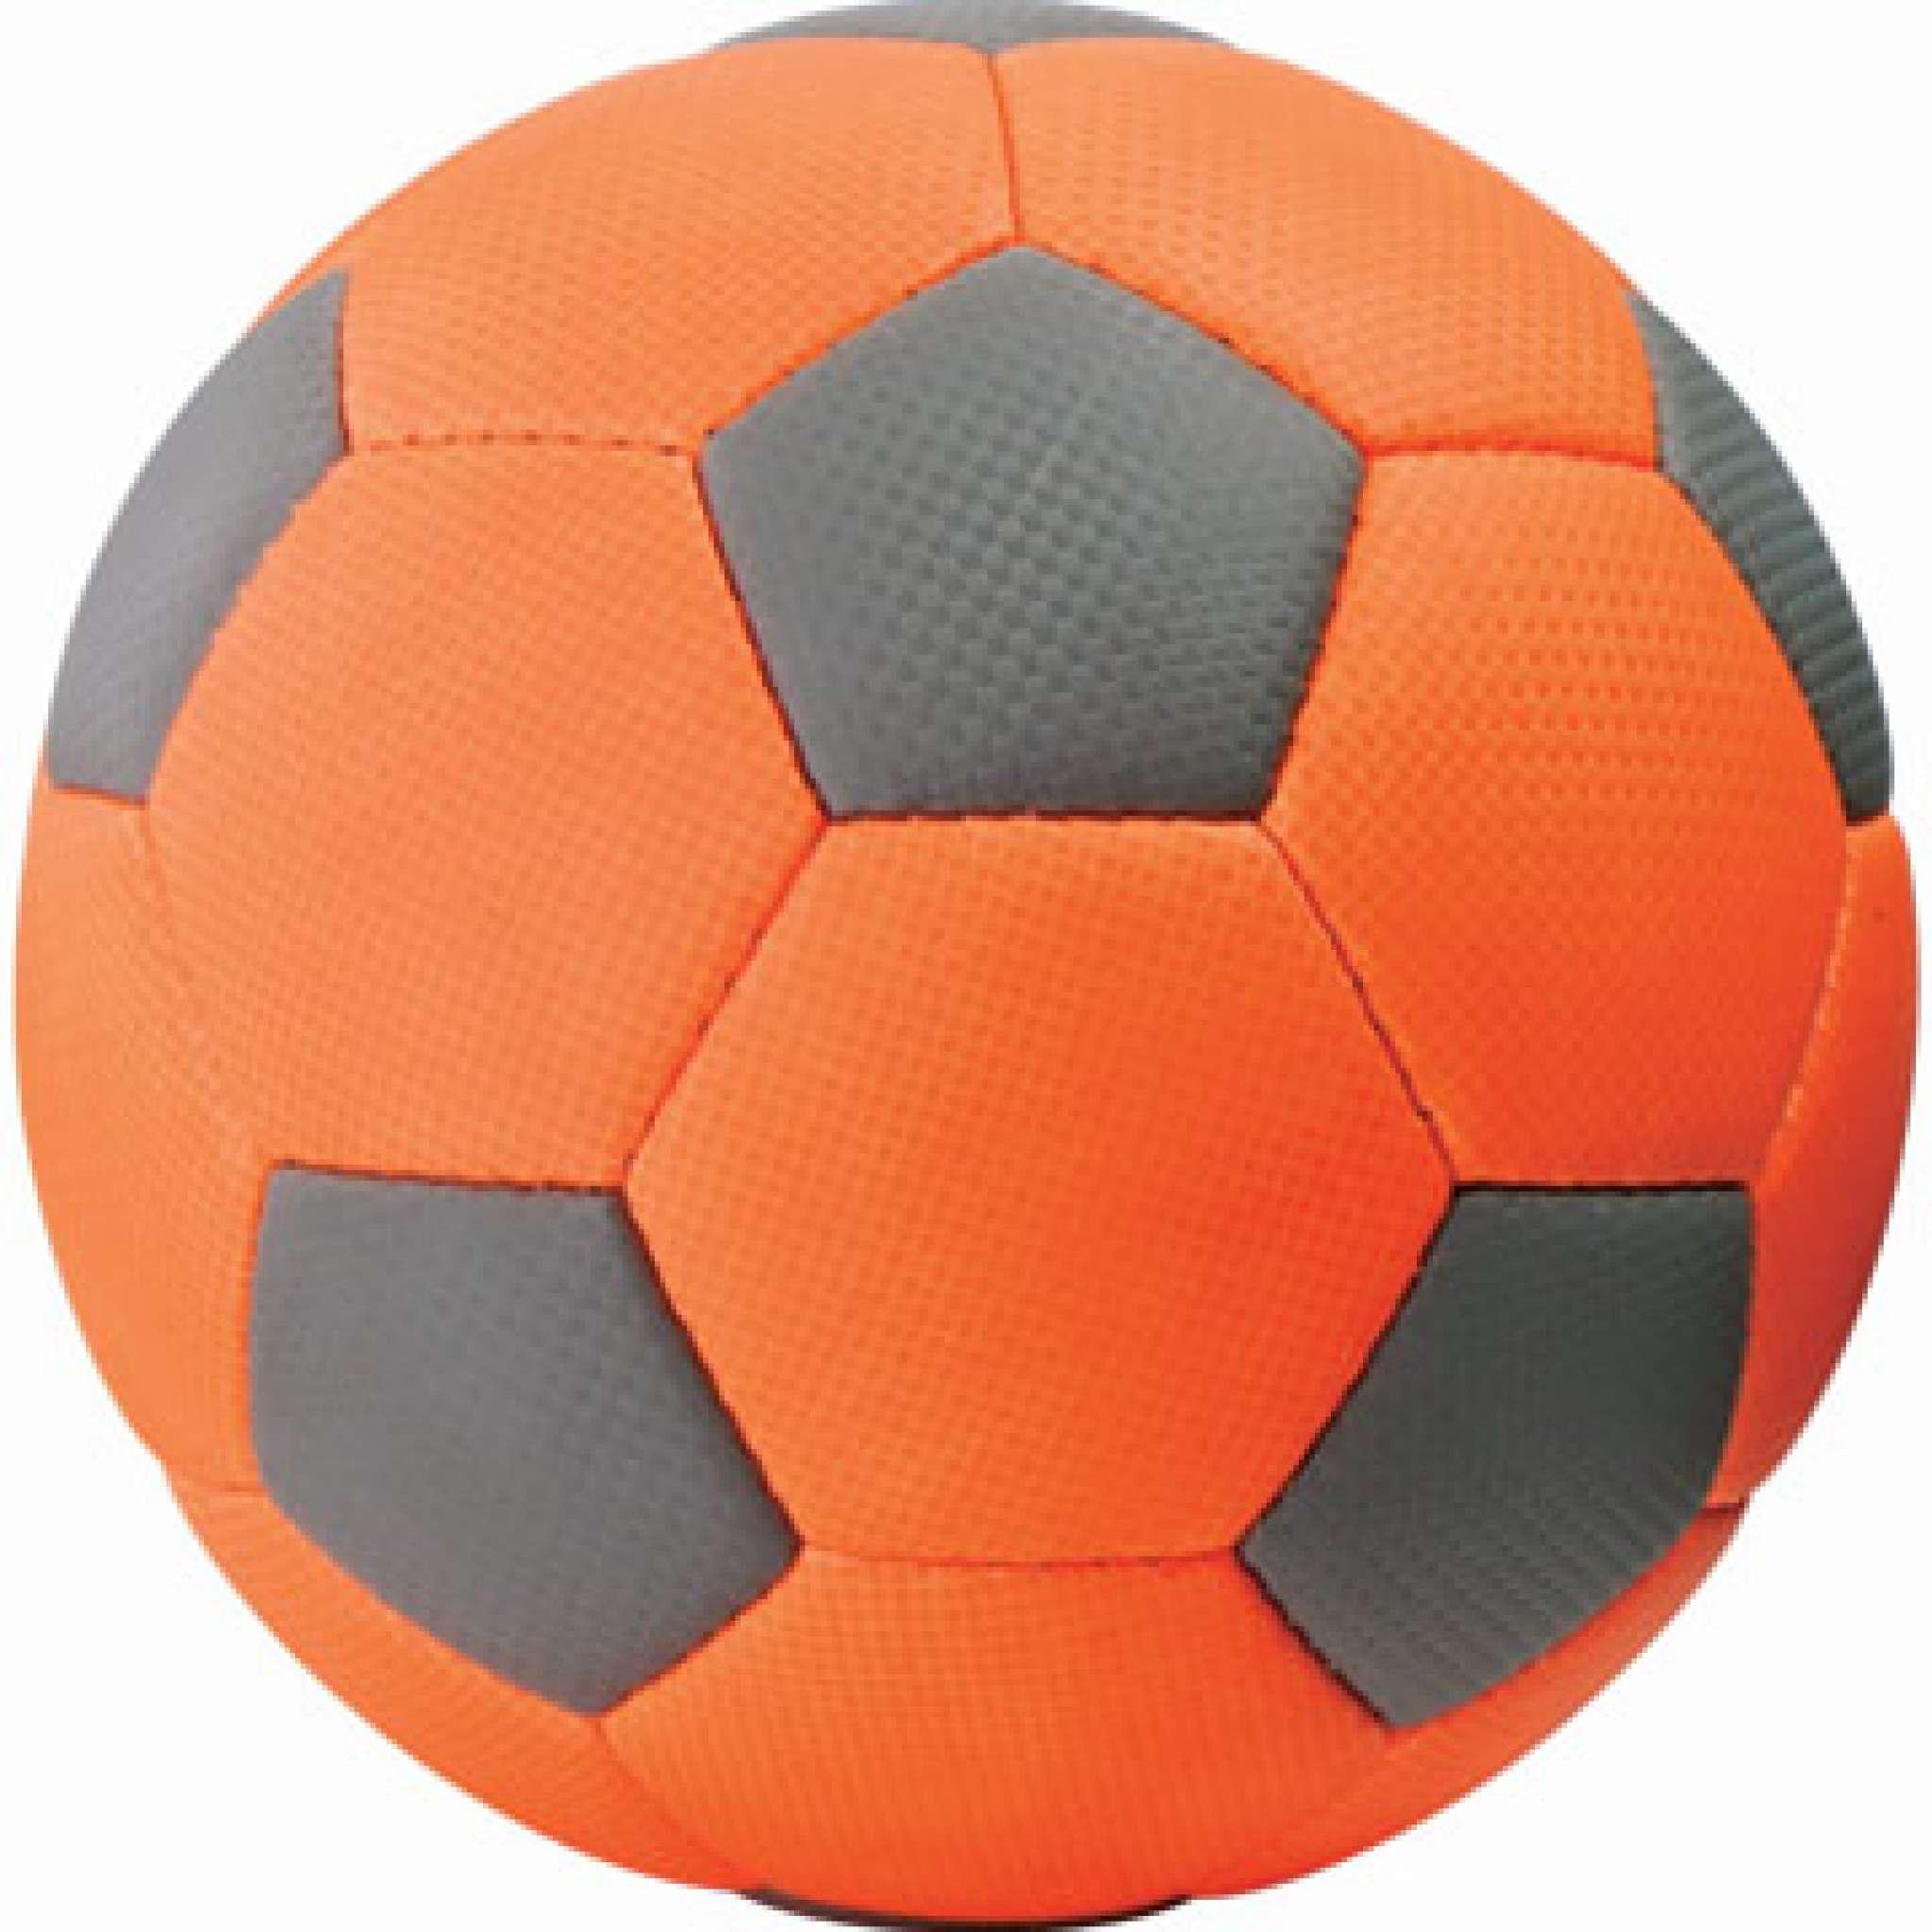 Strandfußball, Orange